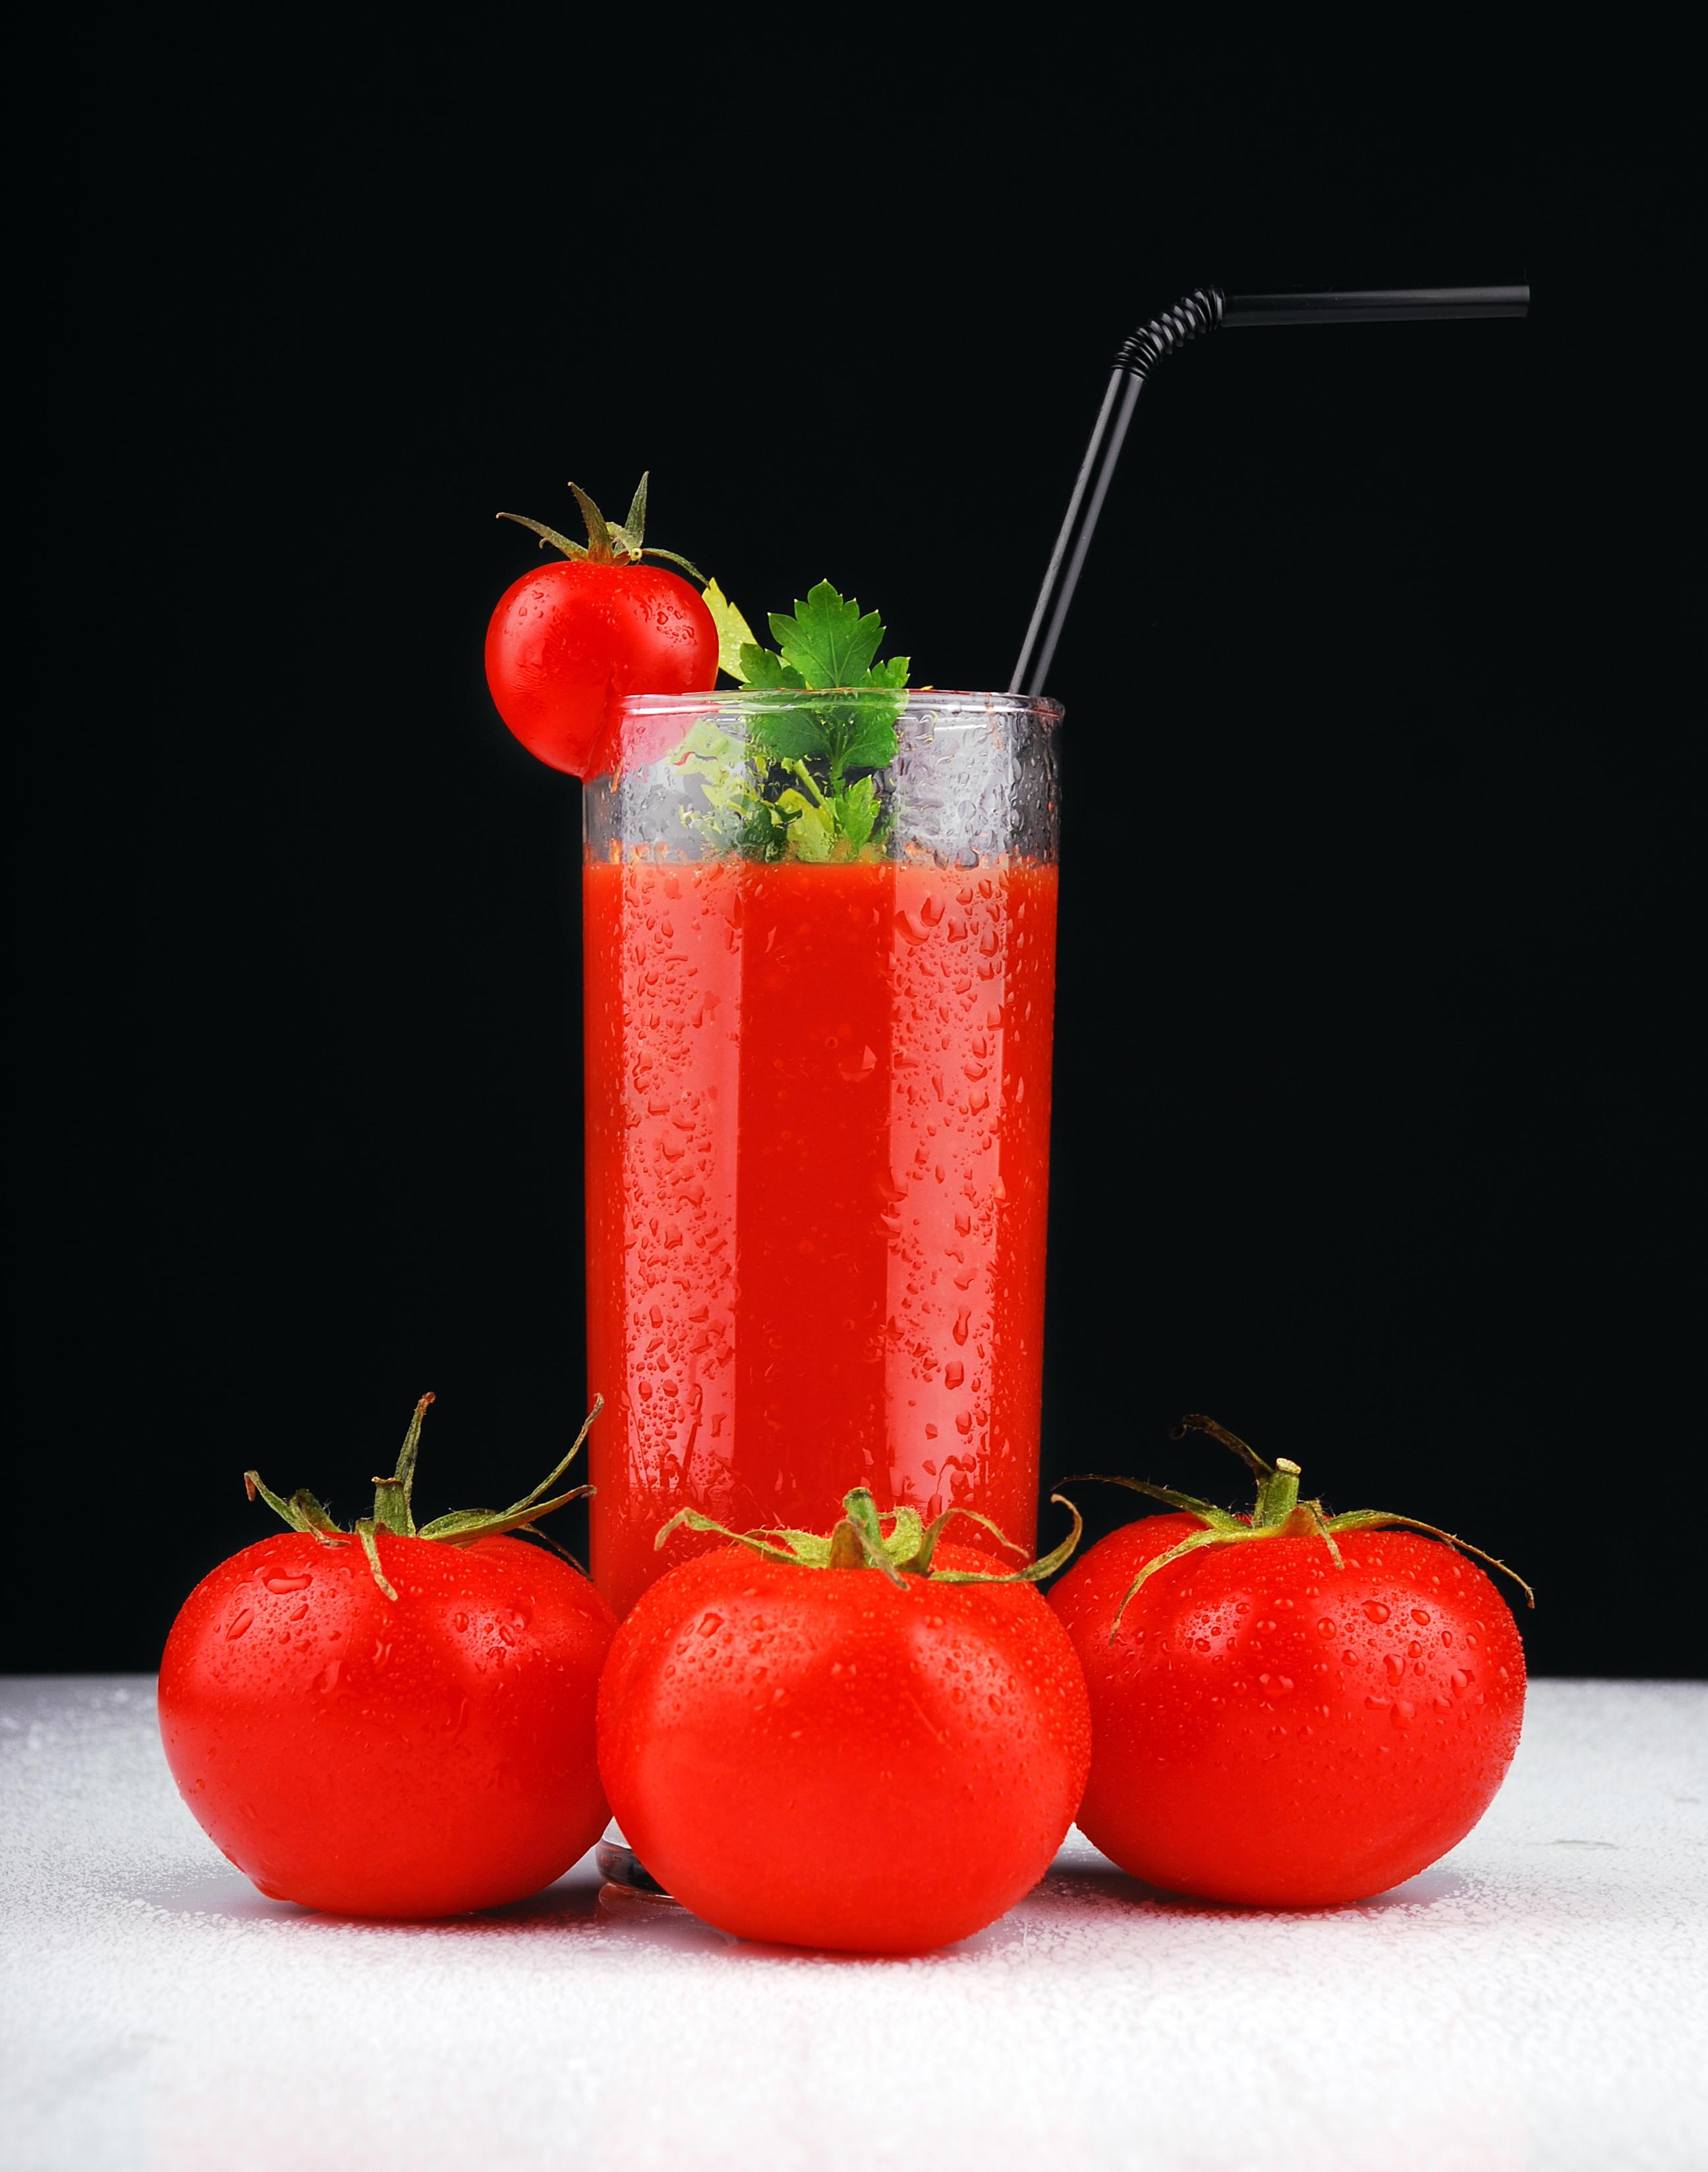 Фото Сок Томаты стакана Еда Помидоры Стакан стакане Пища Продукты питания